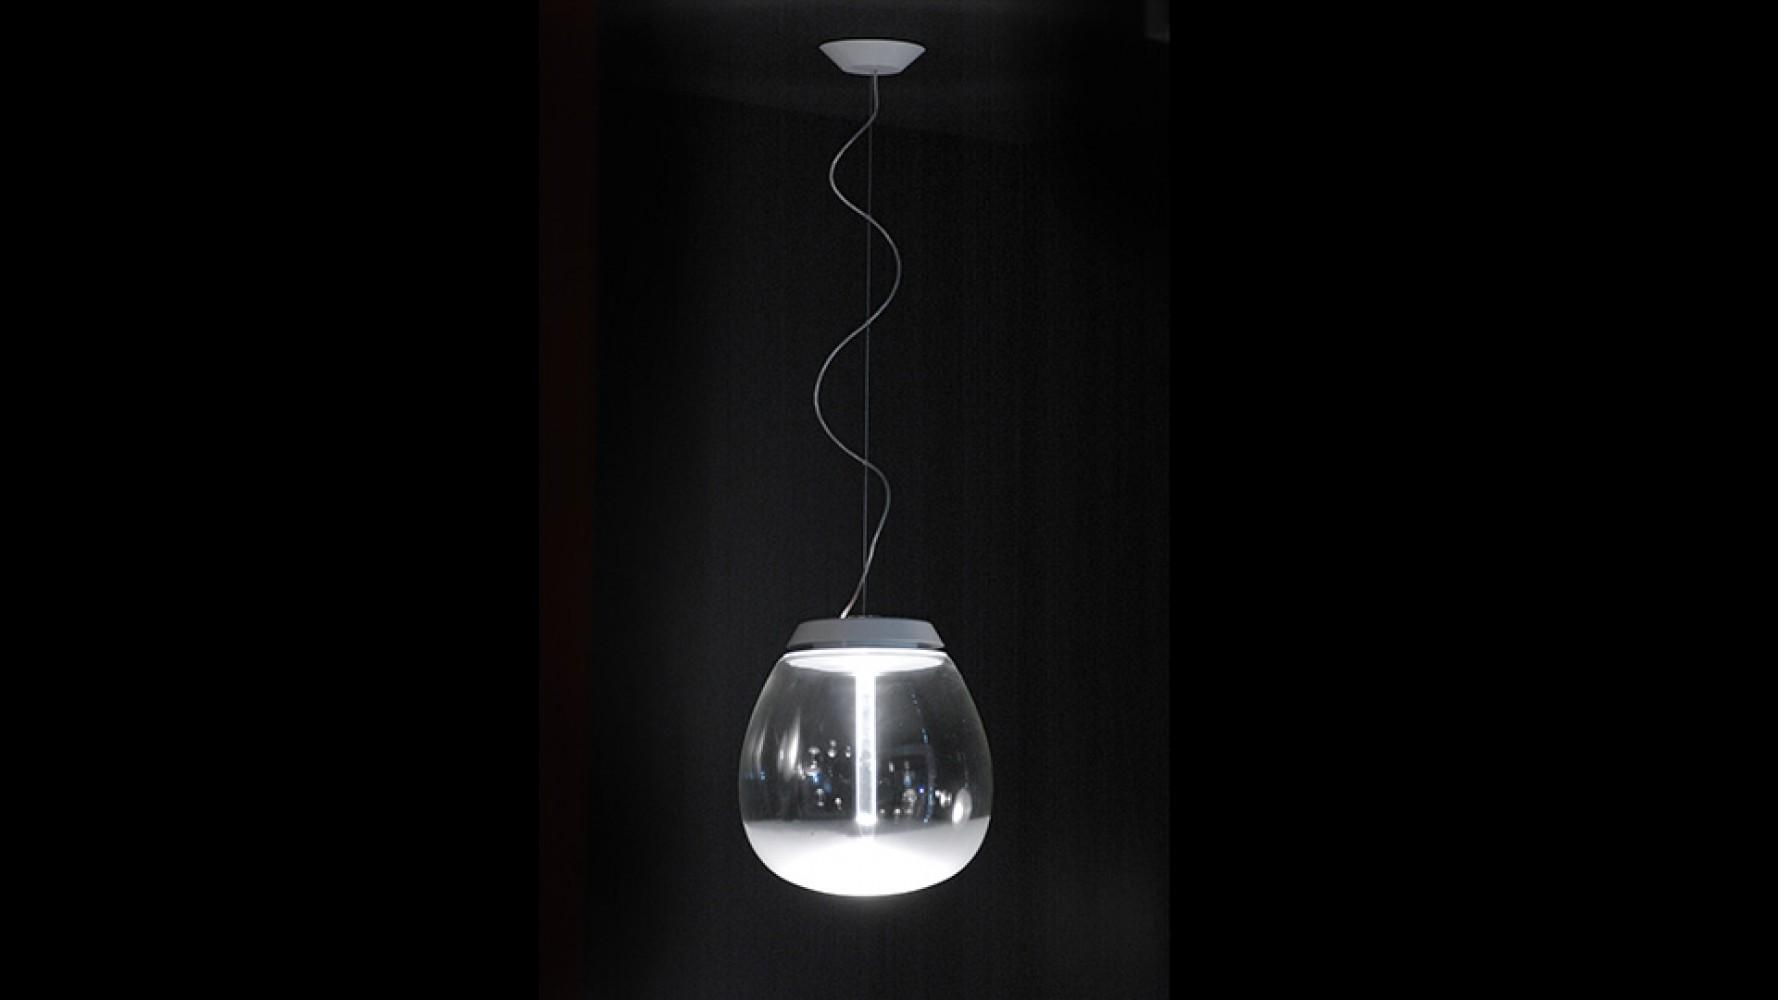 empatia suspension artemide d couvrez luminaires d 39 int rieur jeancel luminaires. Black Bedroom Furniture Sets. Home Design Ideas